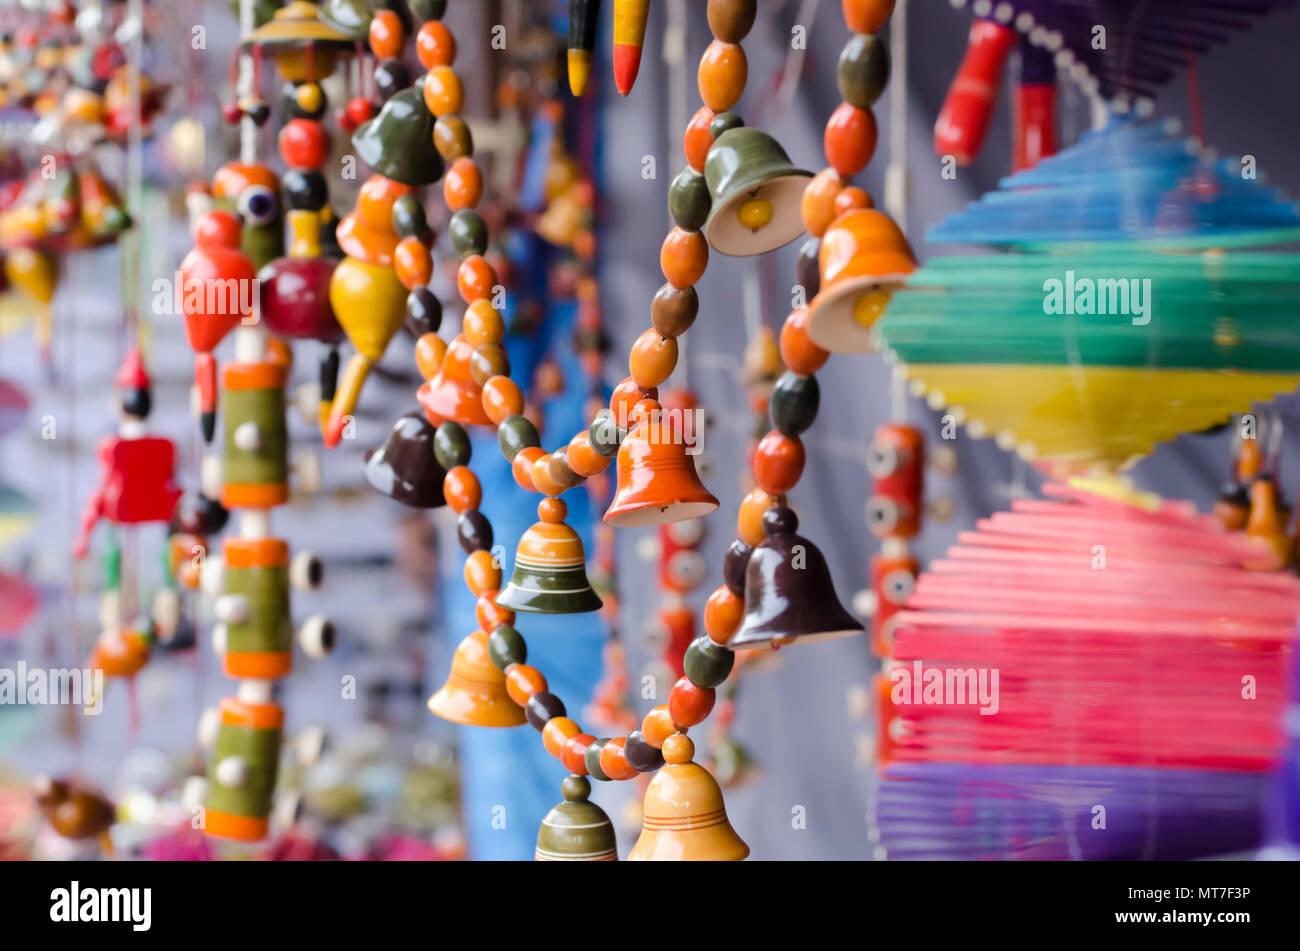 /Multicolor ornamentos del jardín multicolor de las campanas, abalorios, hecha de arcilla o cerámica sobre venta en artes y oficios Shilparamam village en Hyderabad, India. Foto de stock